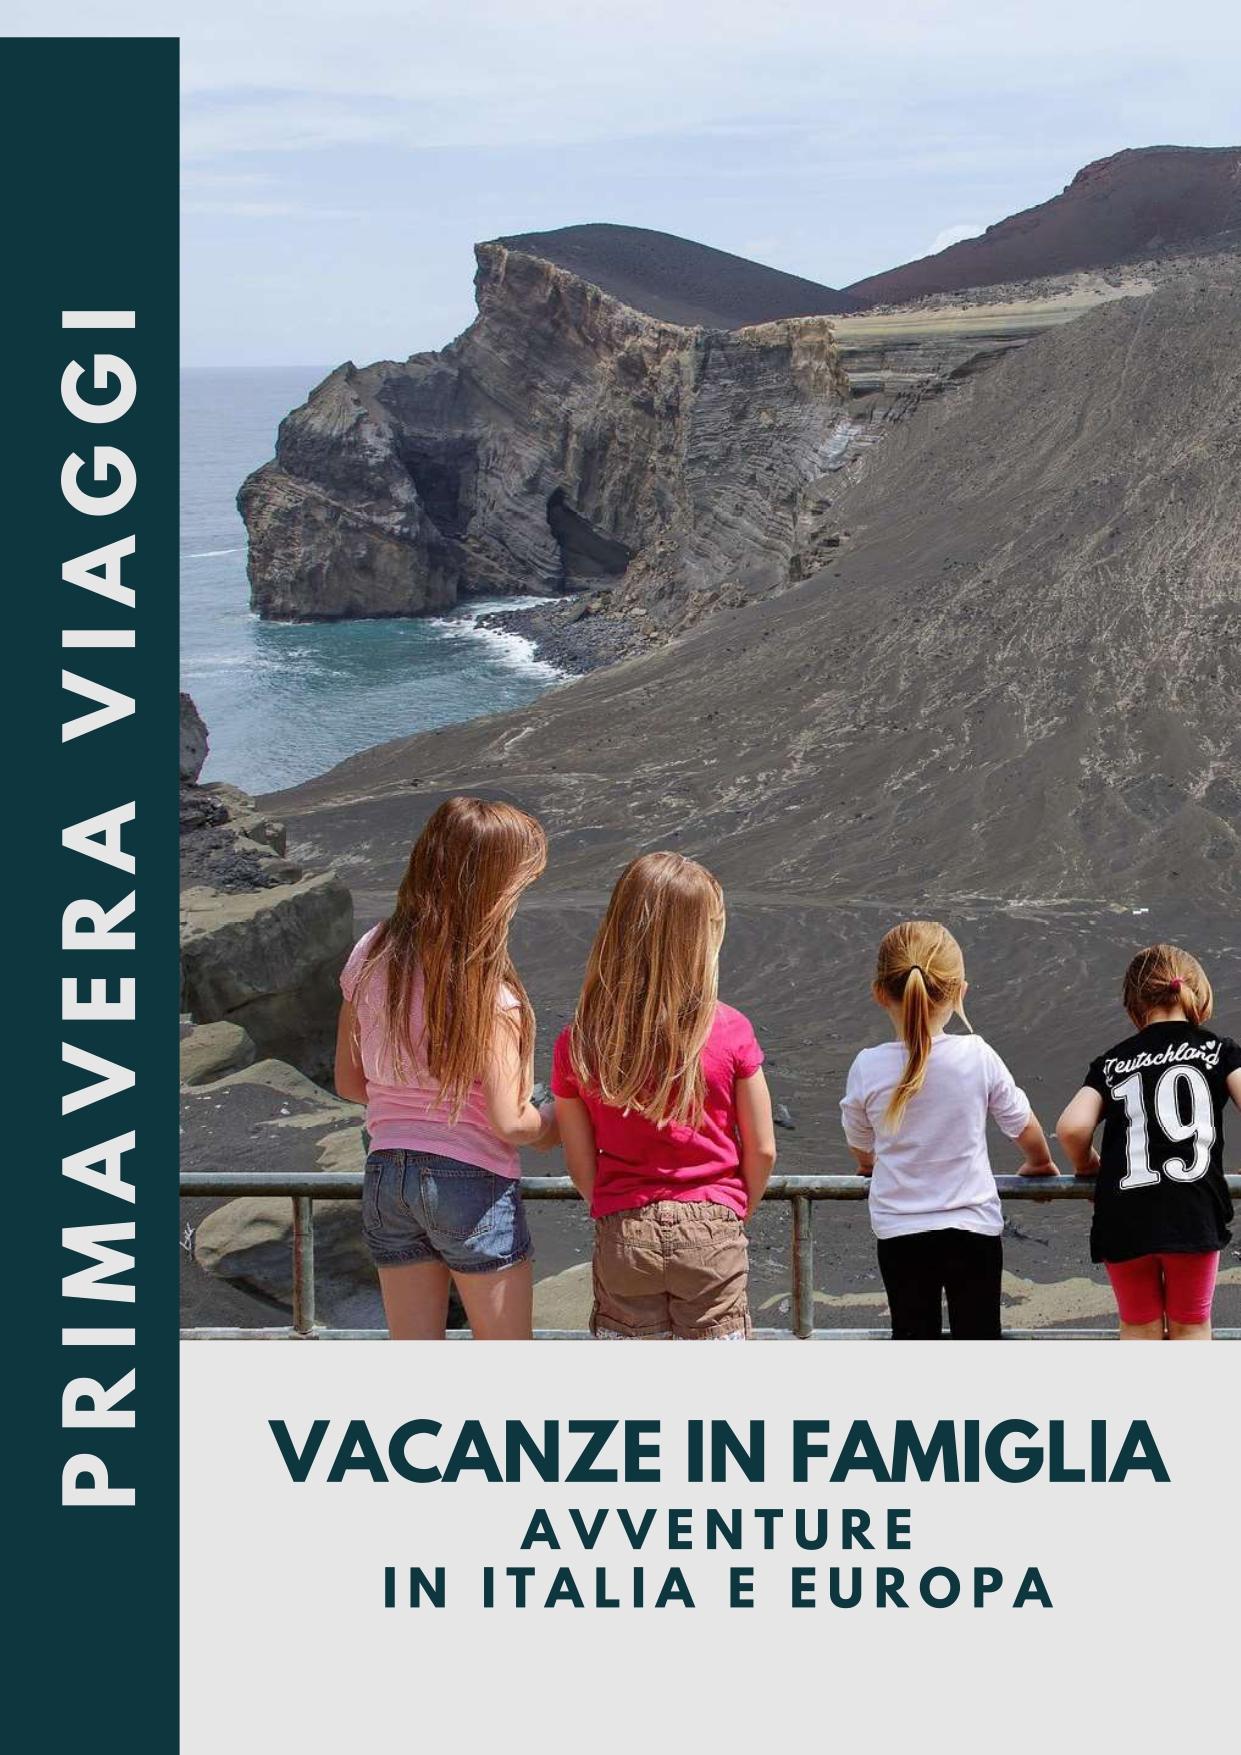 ITALIA E EUROPA FORMATO FAMIGLIA